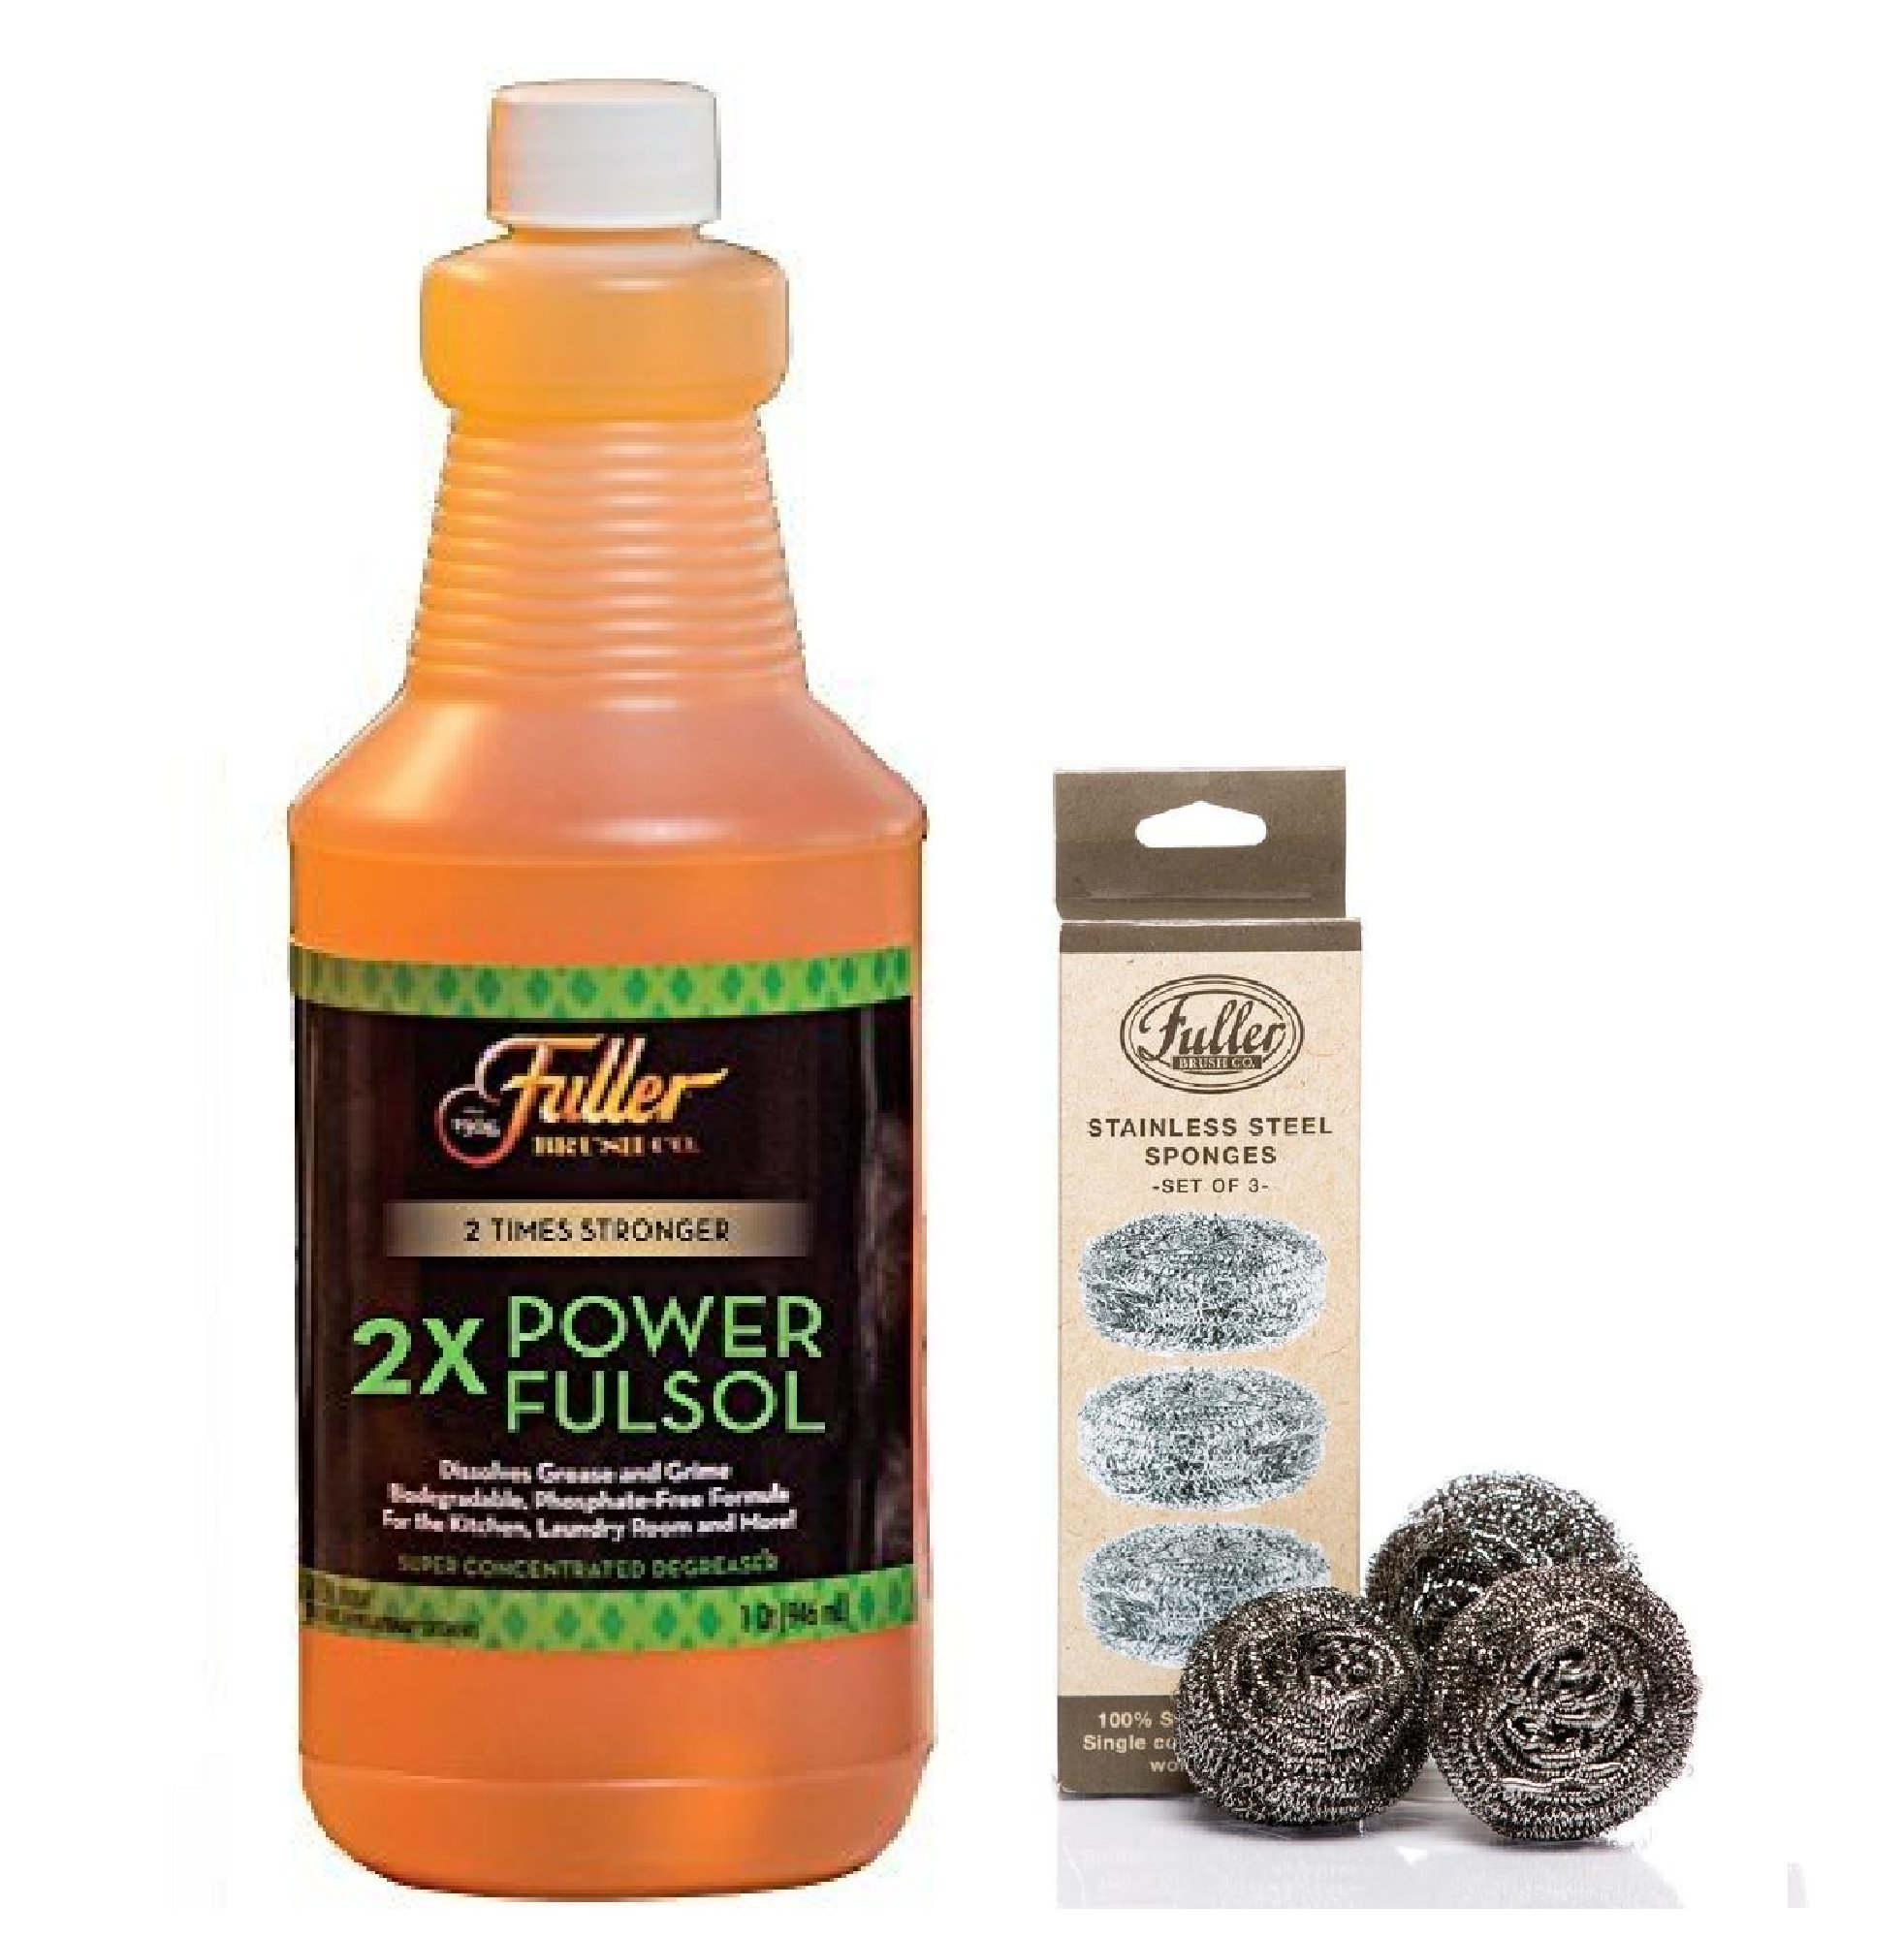 Fuller Brush Fulsol 2X Power Degreaser Kit with Stainless Steel Sponges